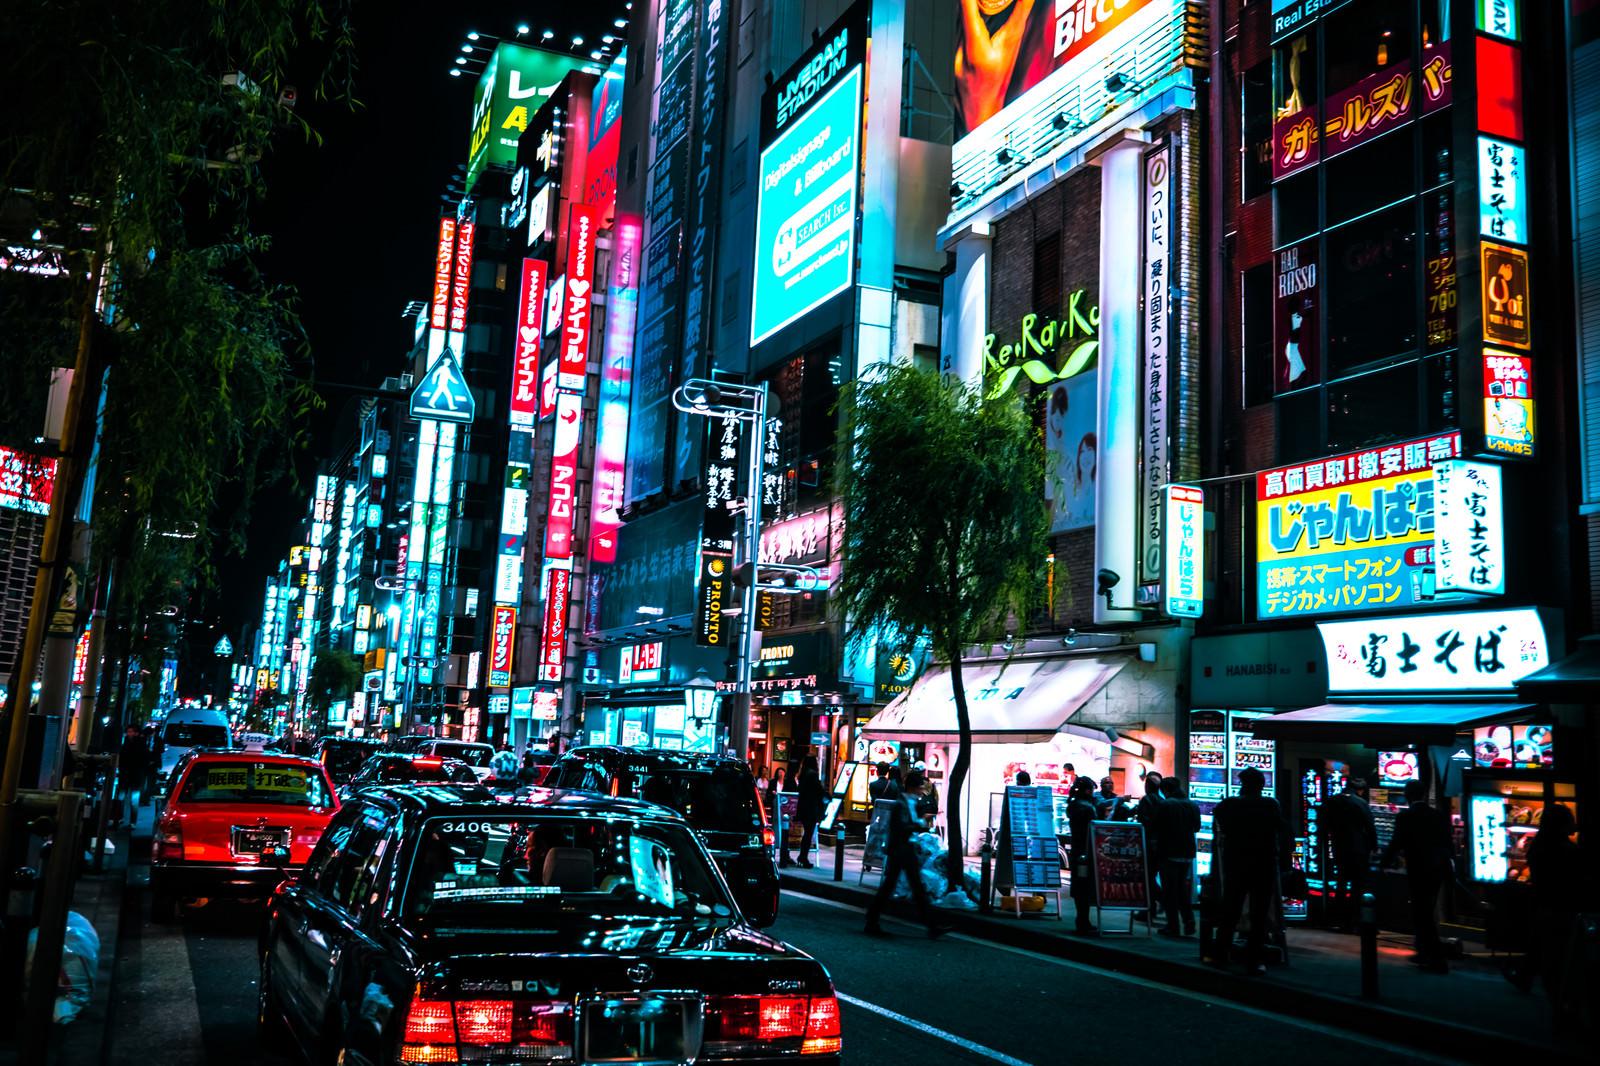 「繁華街のネオンと路肩に停めるタクシー(新橋)」の写真